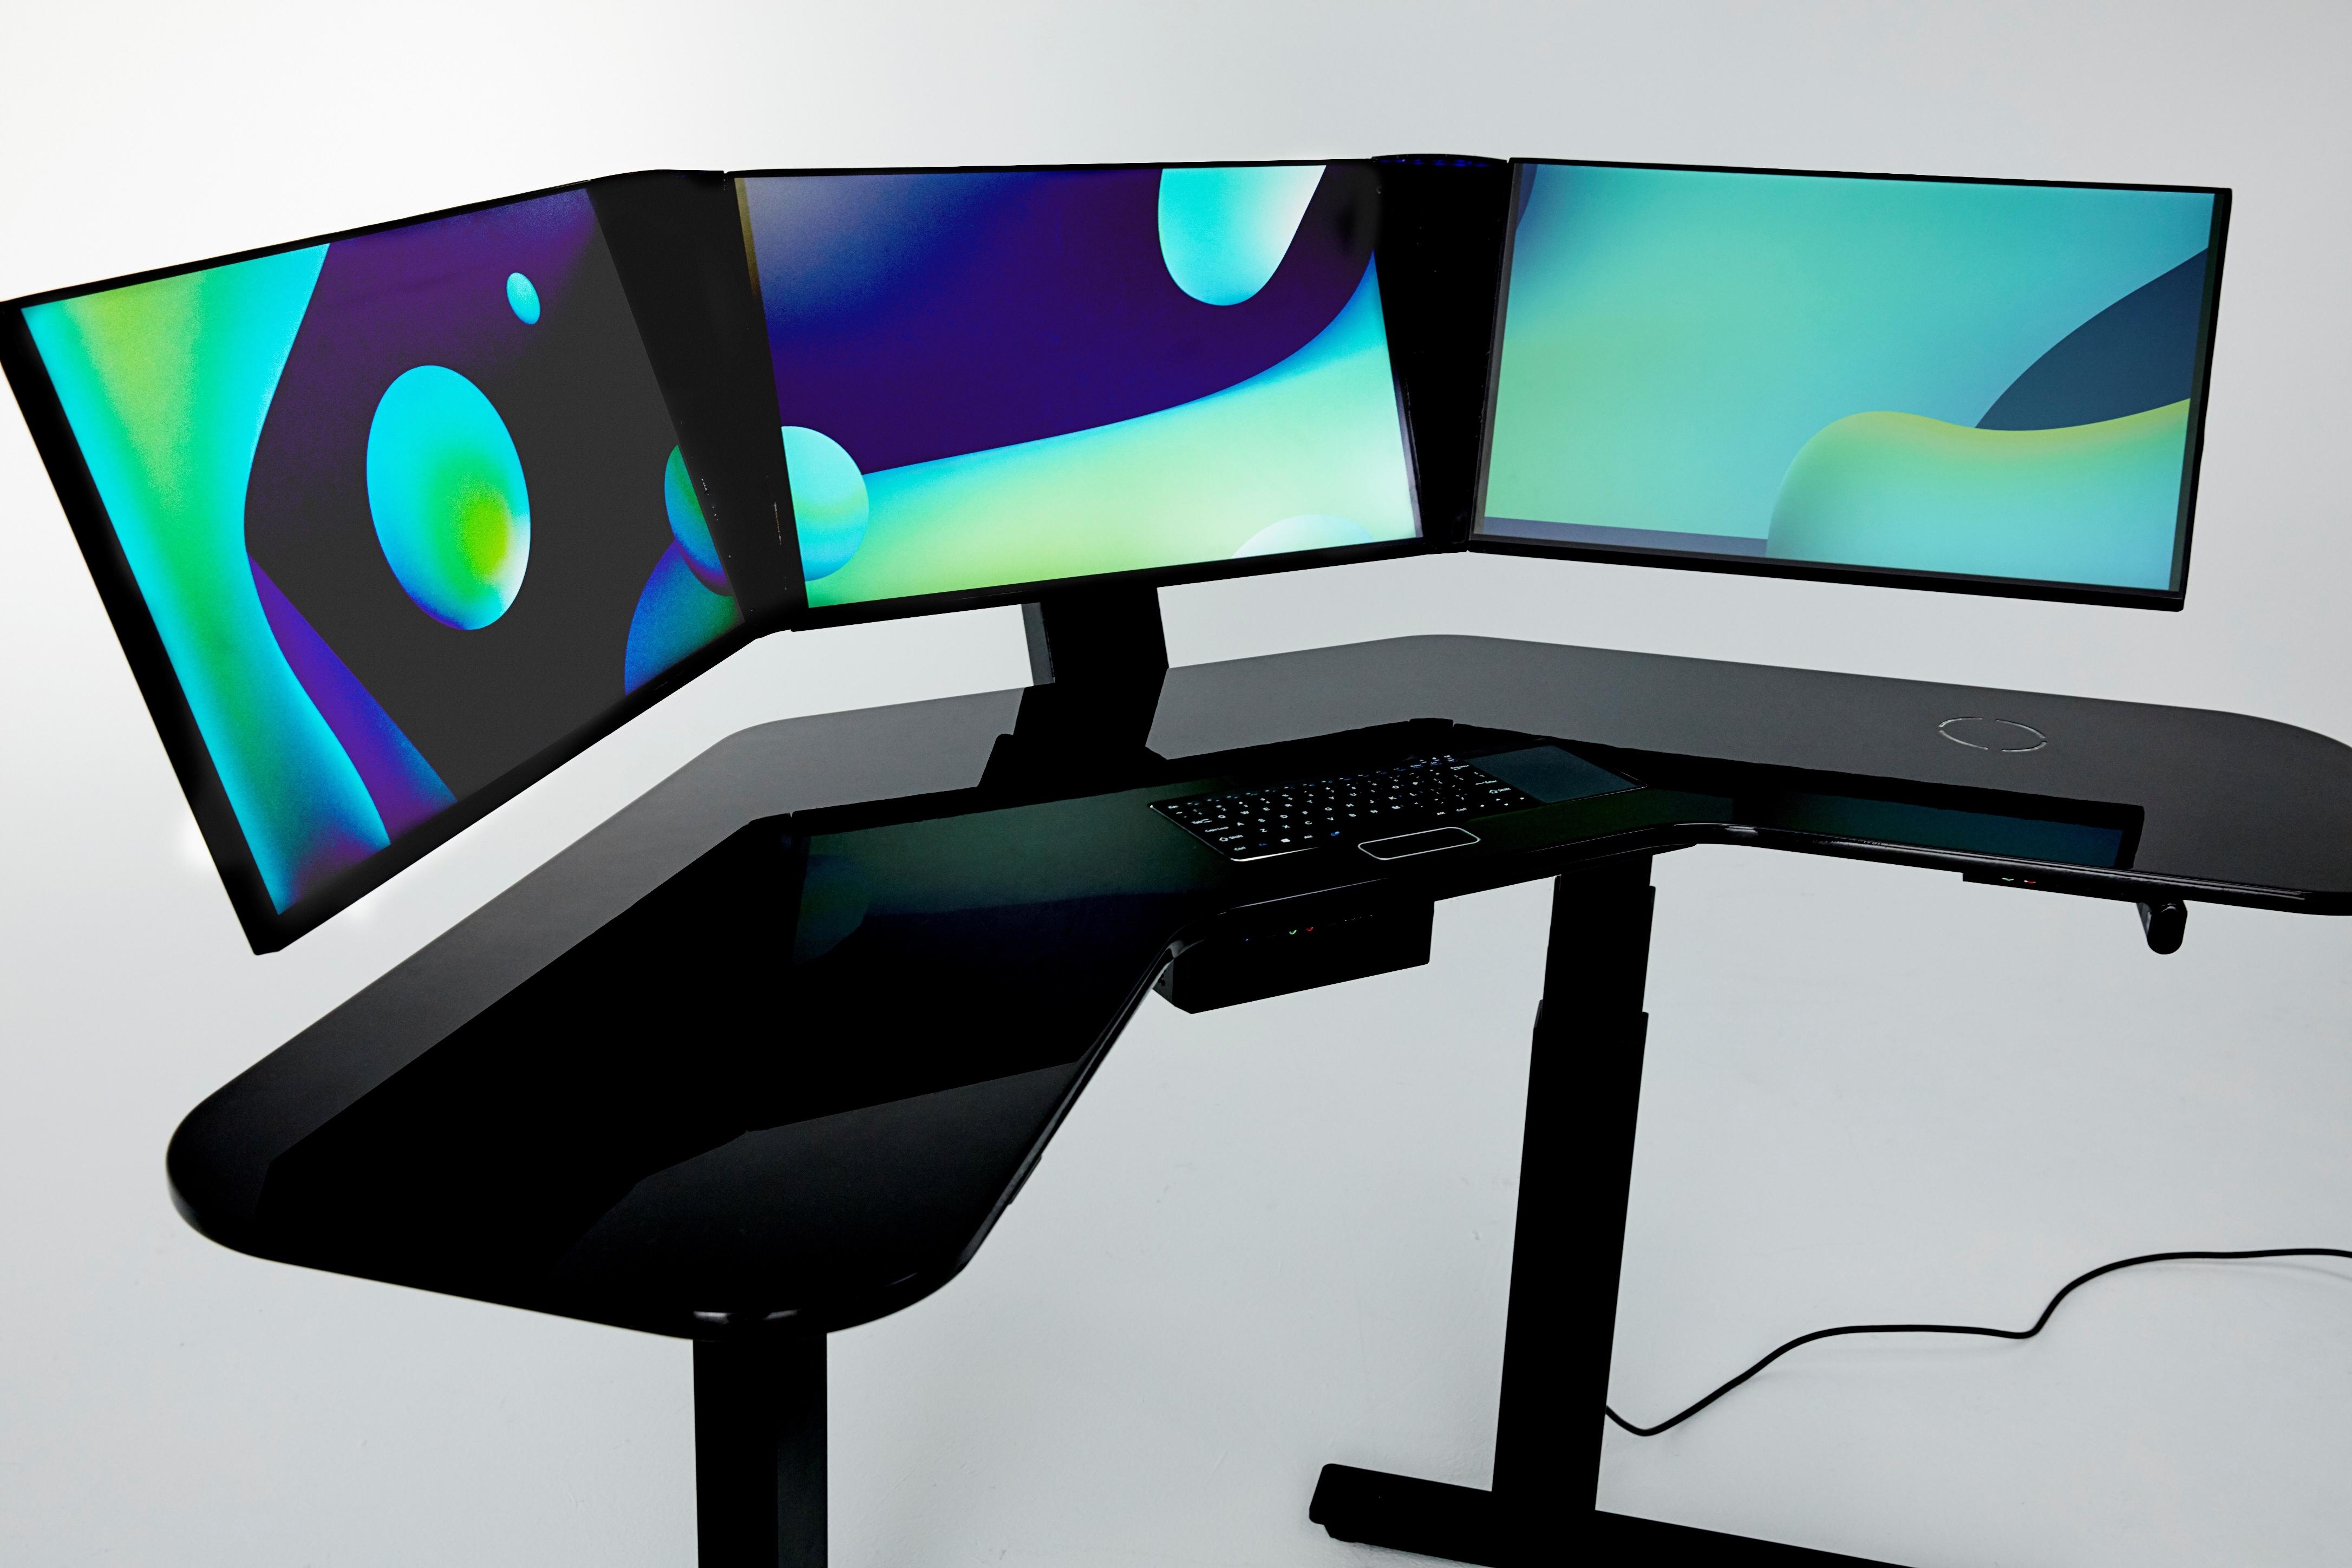 untitled desk durable most review autonomous yet smart affordable